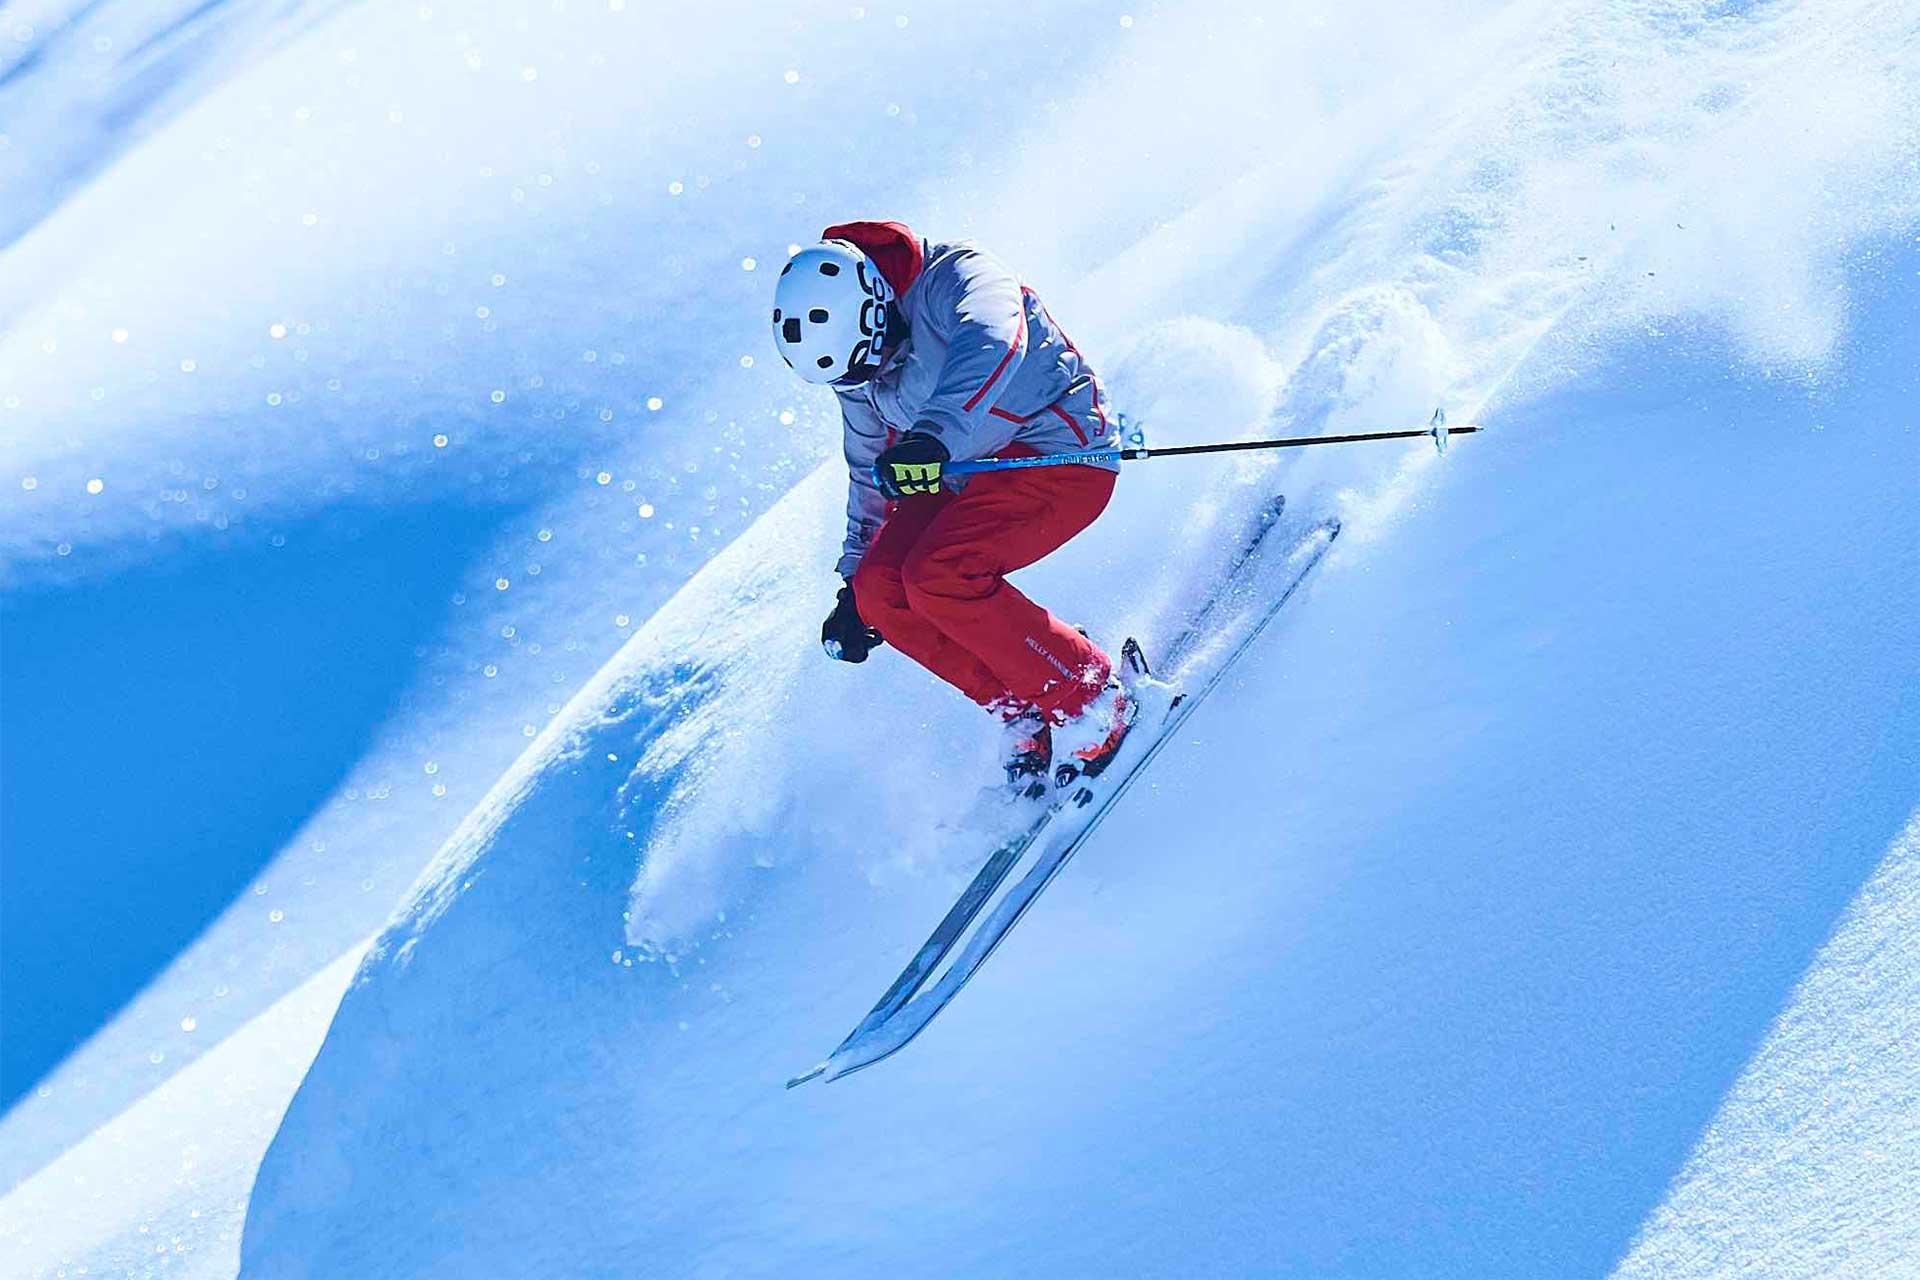 Elite Skiing - A-Team - Jon Ballou